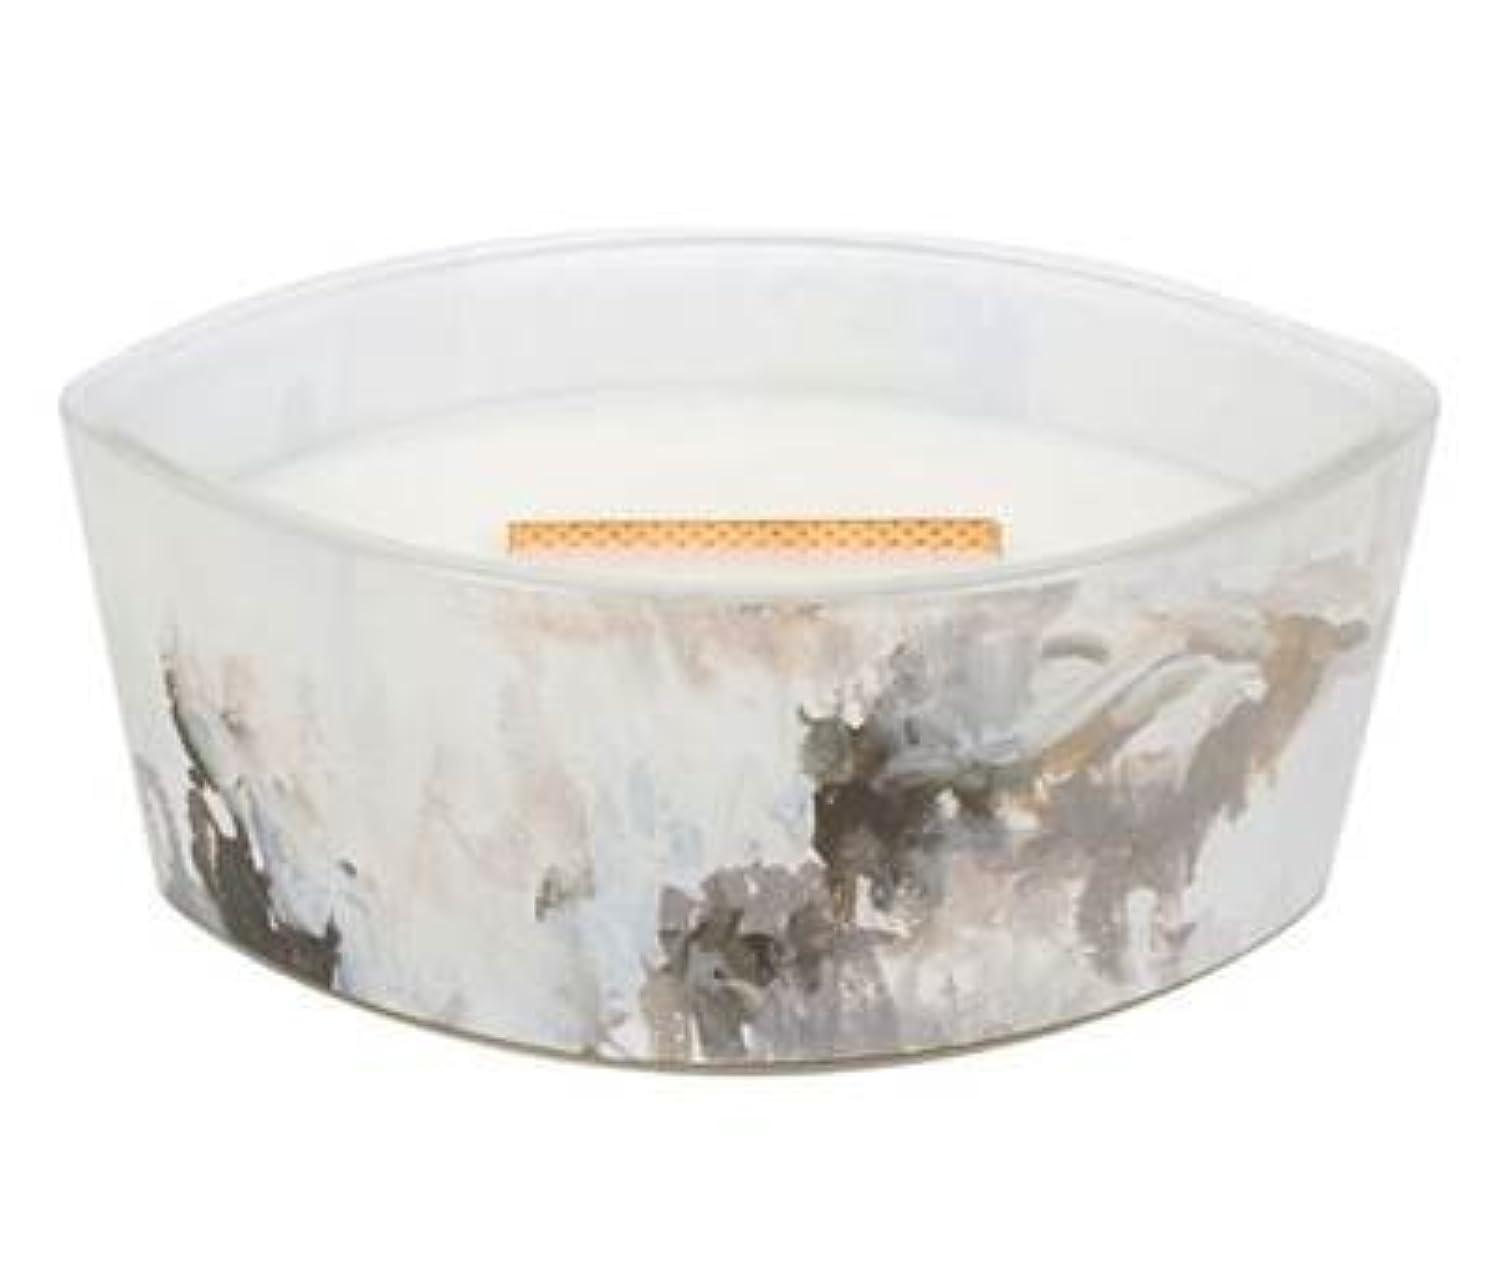 救急車中央値ハロウィンHoney Tabac – アーティザンコレクション楕円WoodWick香りつきJar Candle